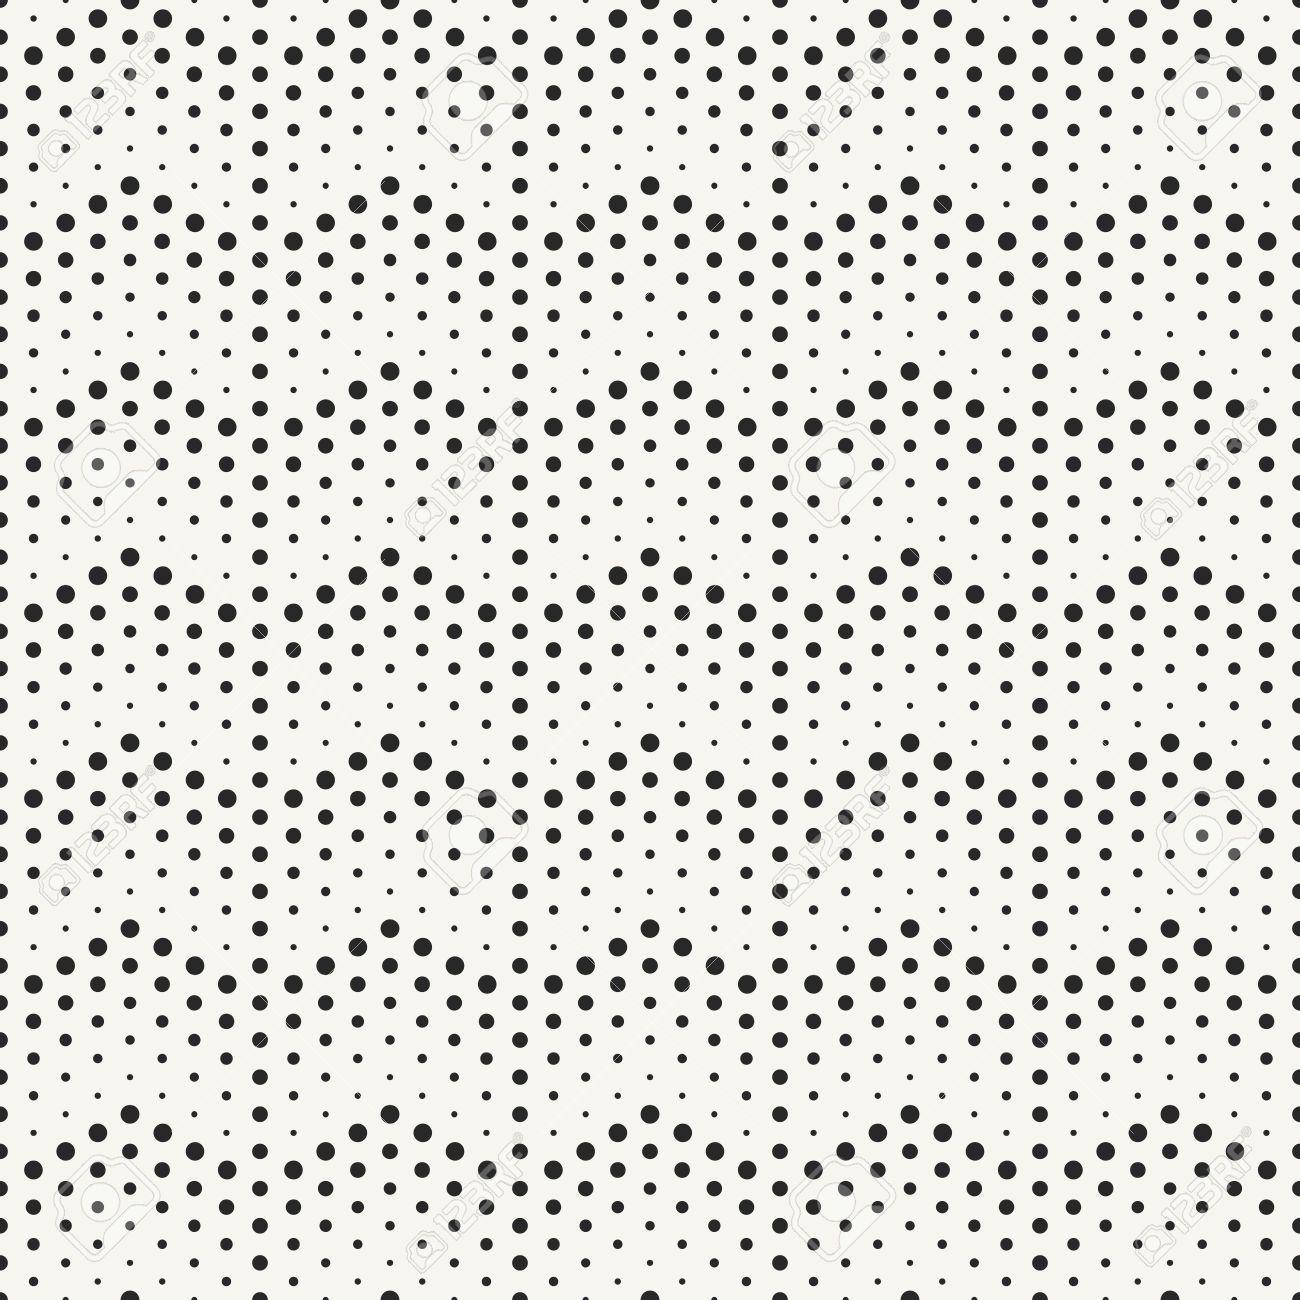 Blanco Y Negro De Moda De Líneas De Puntos Textura - Patrón ...